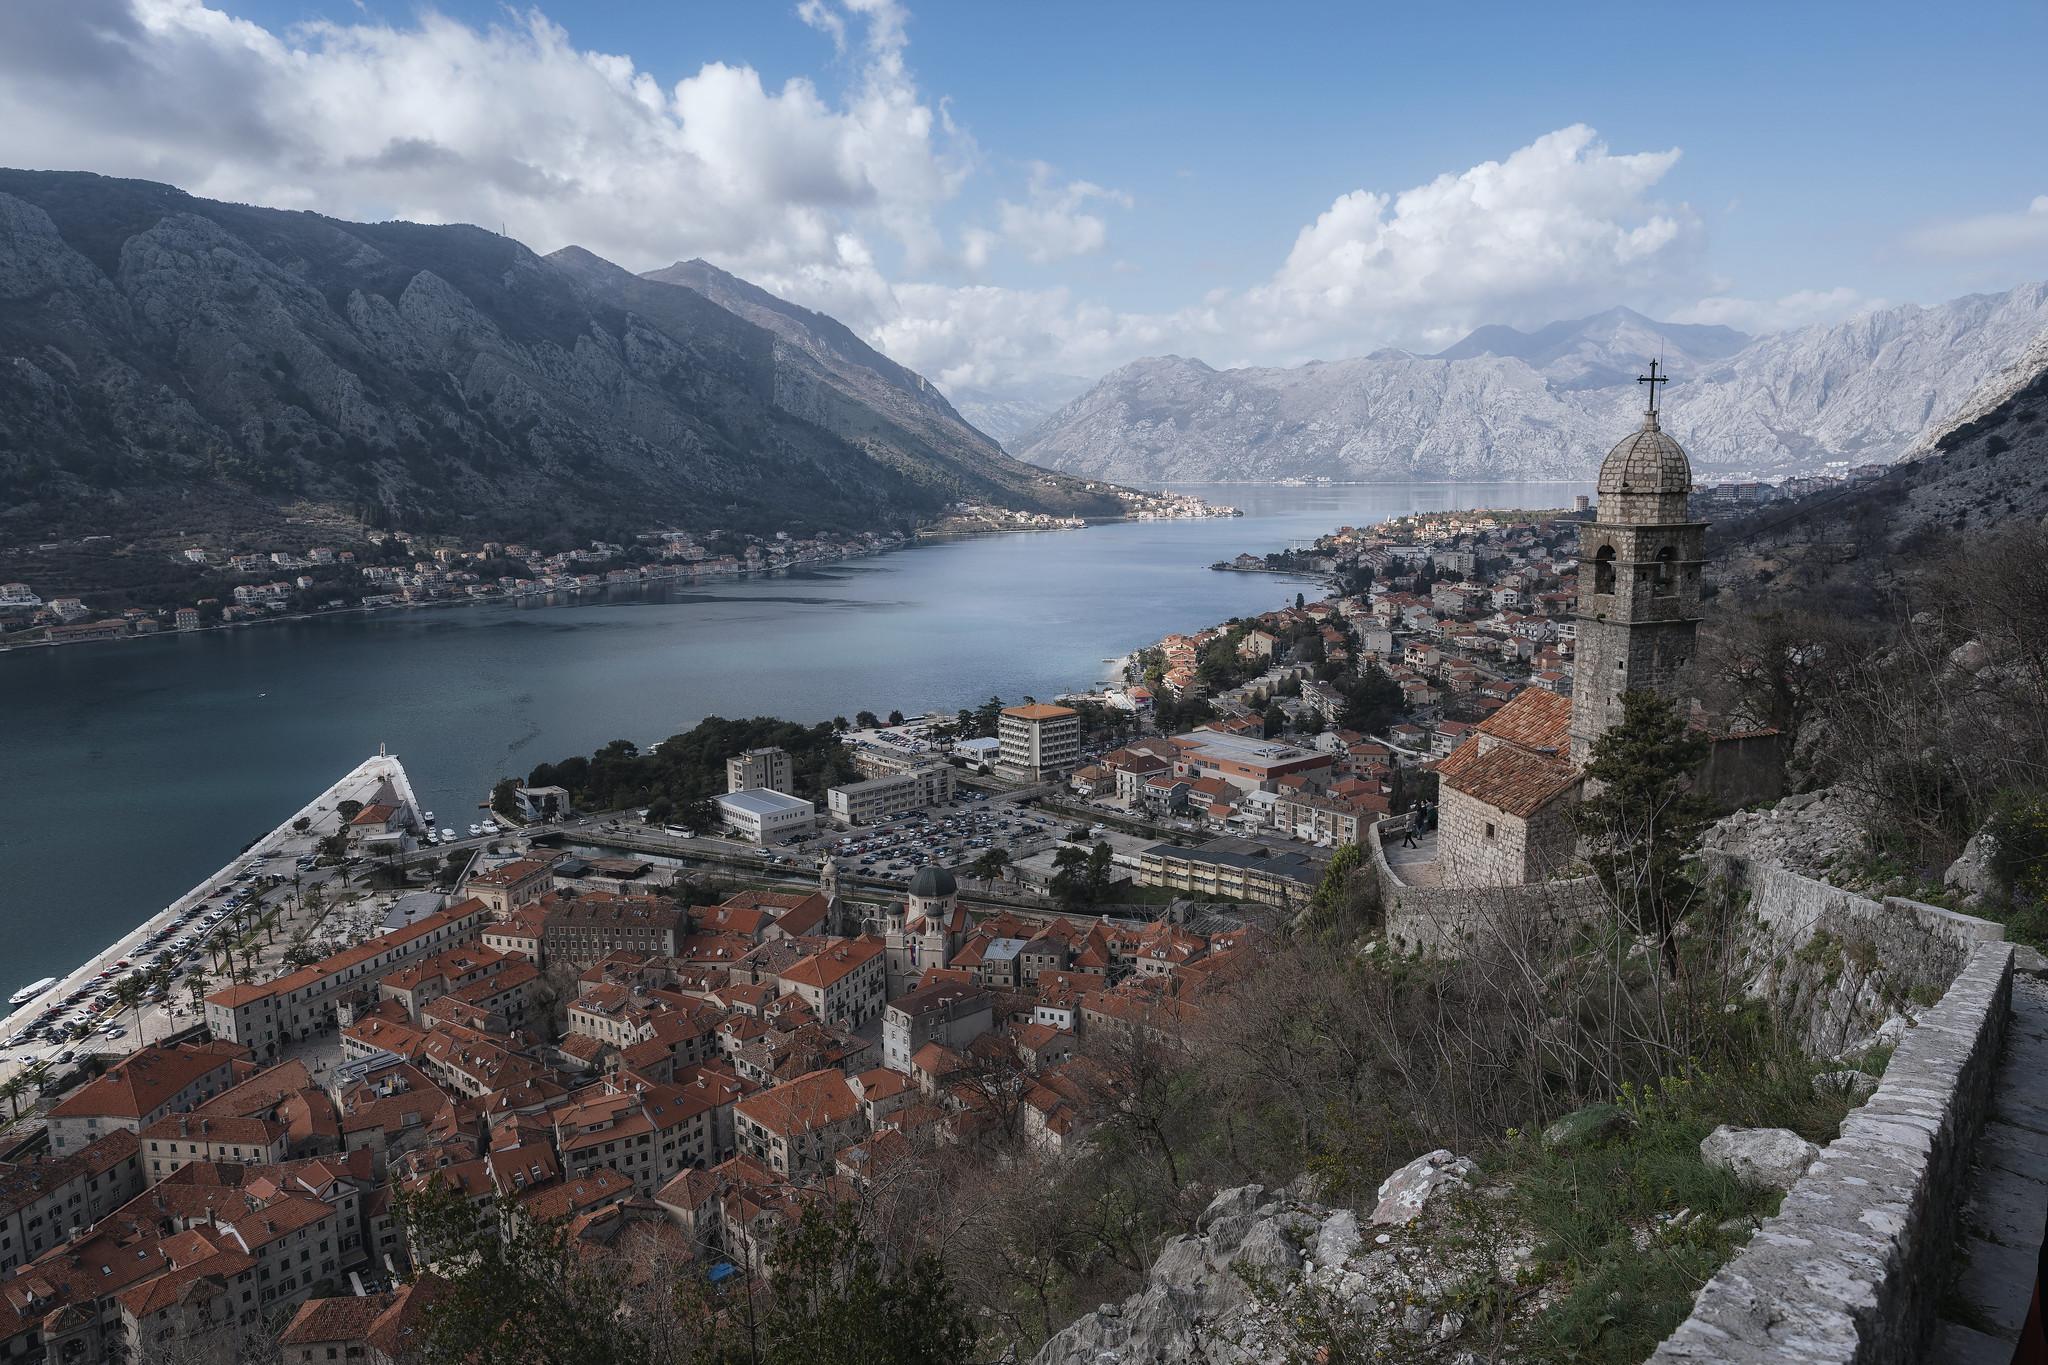 黑山, Montenegro, 蒙特內哥羅, 黑山婚紗, Kotor, 扎布利亞克, 海外婚紗, Zabljak, Donfer